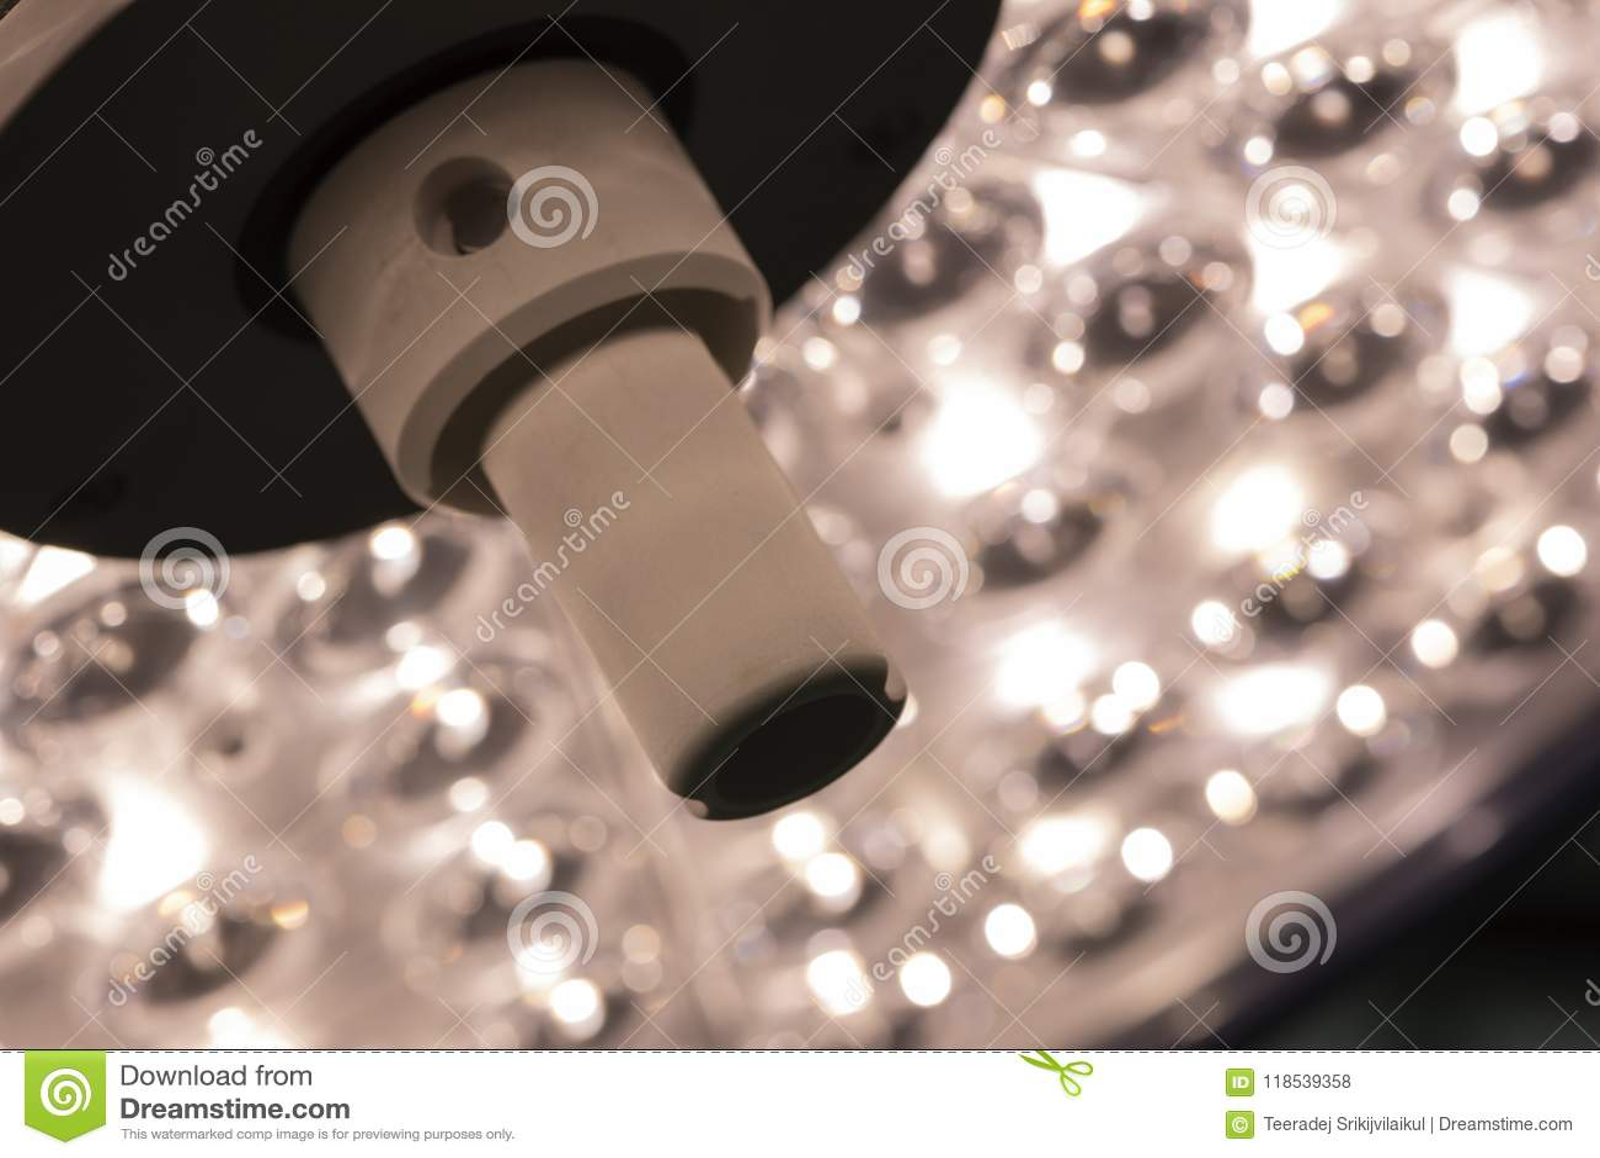 Eine chirurgische Lampe im Operationsraum